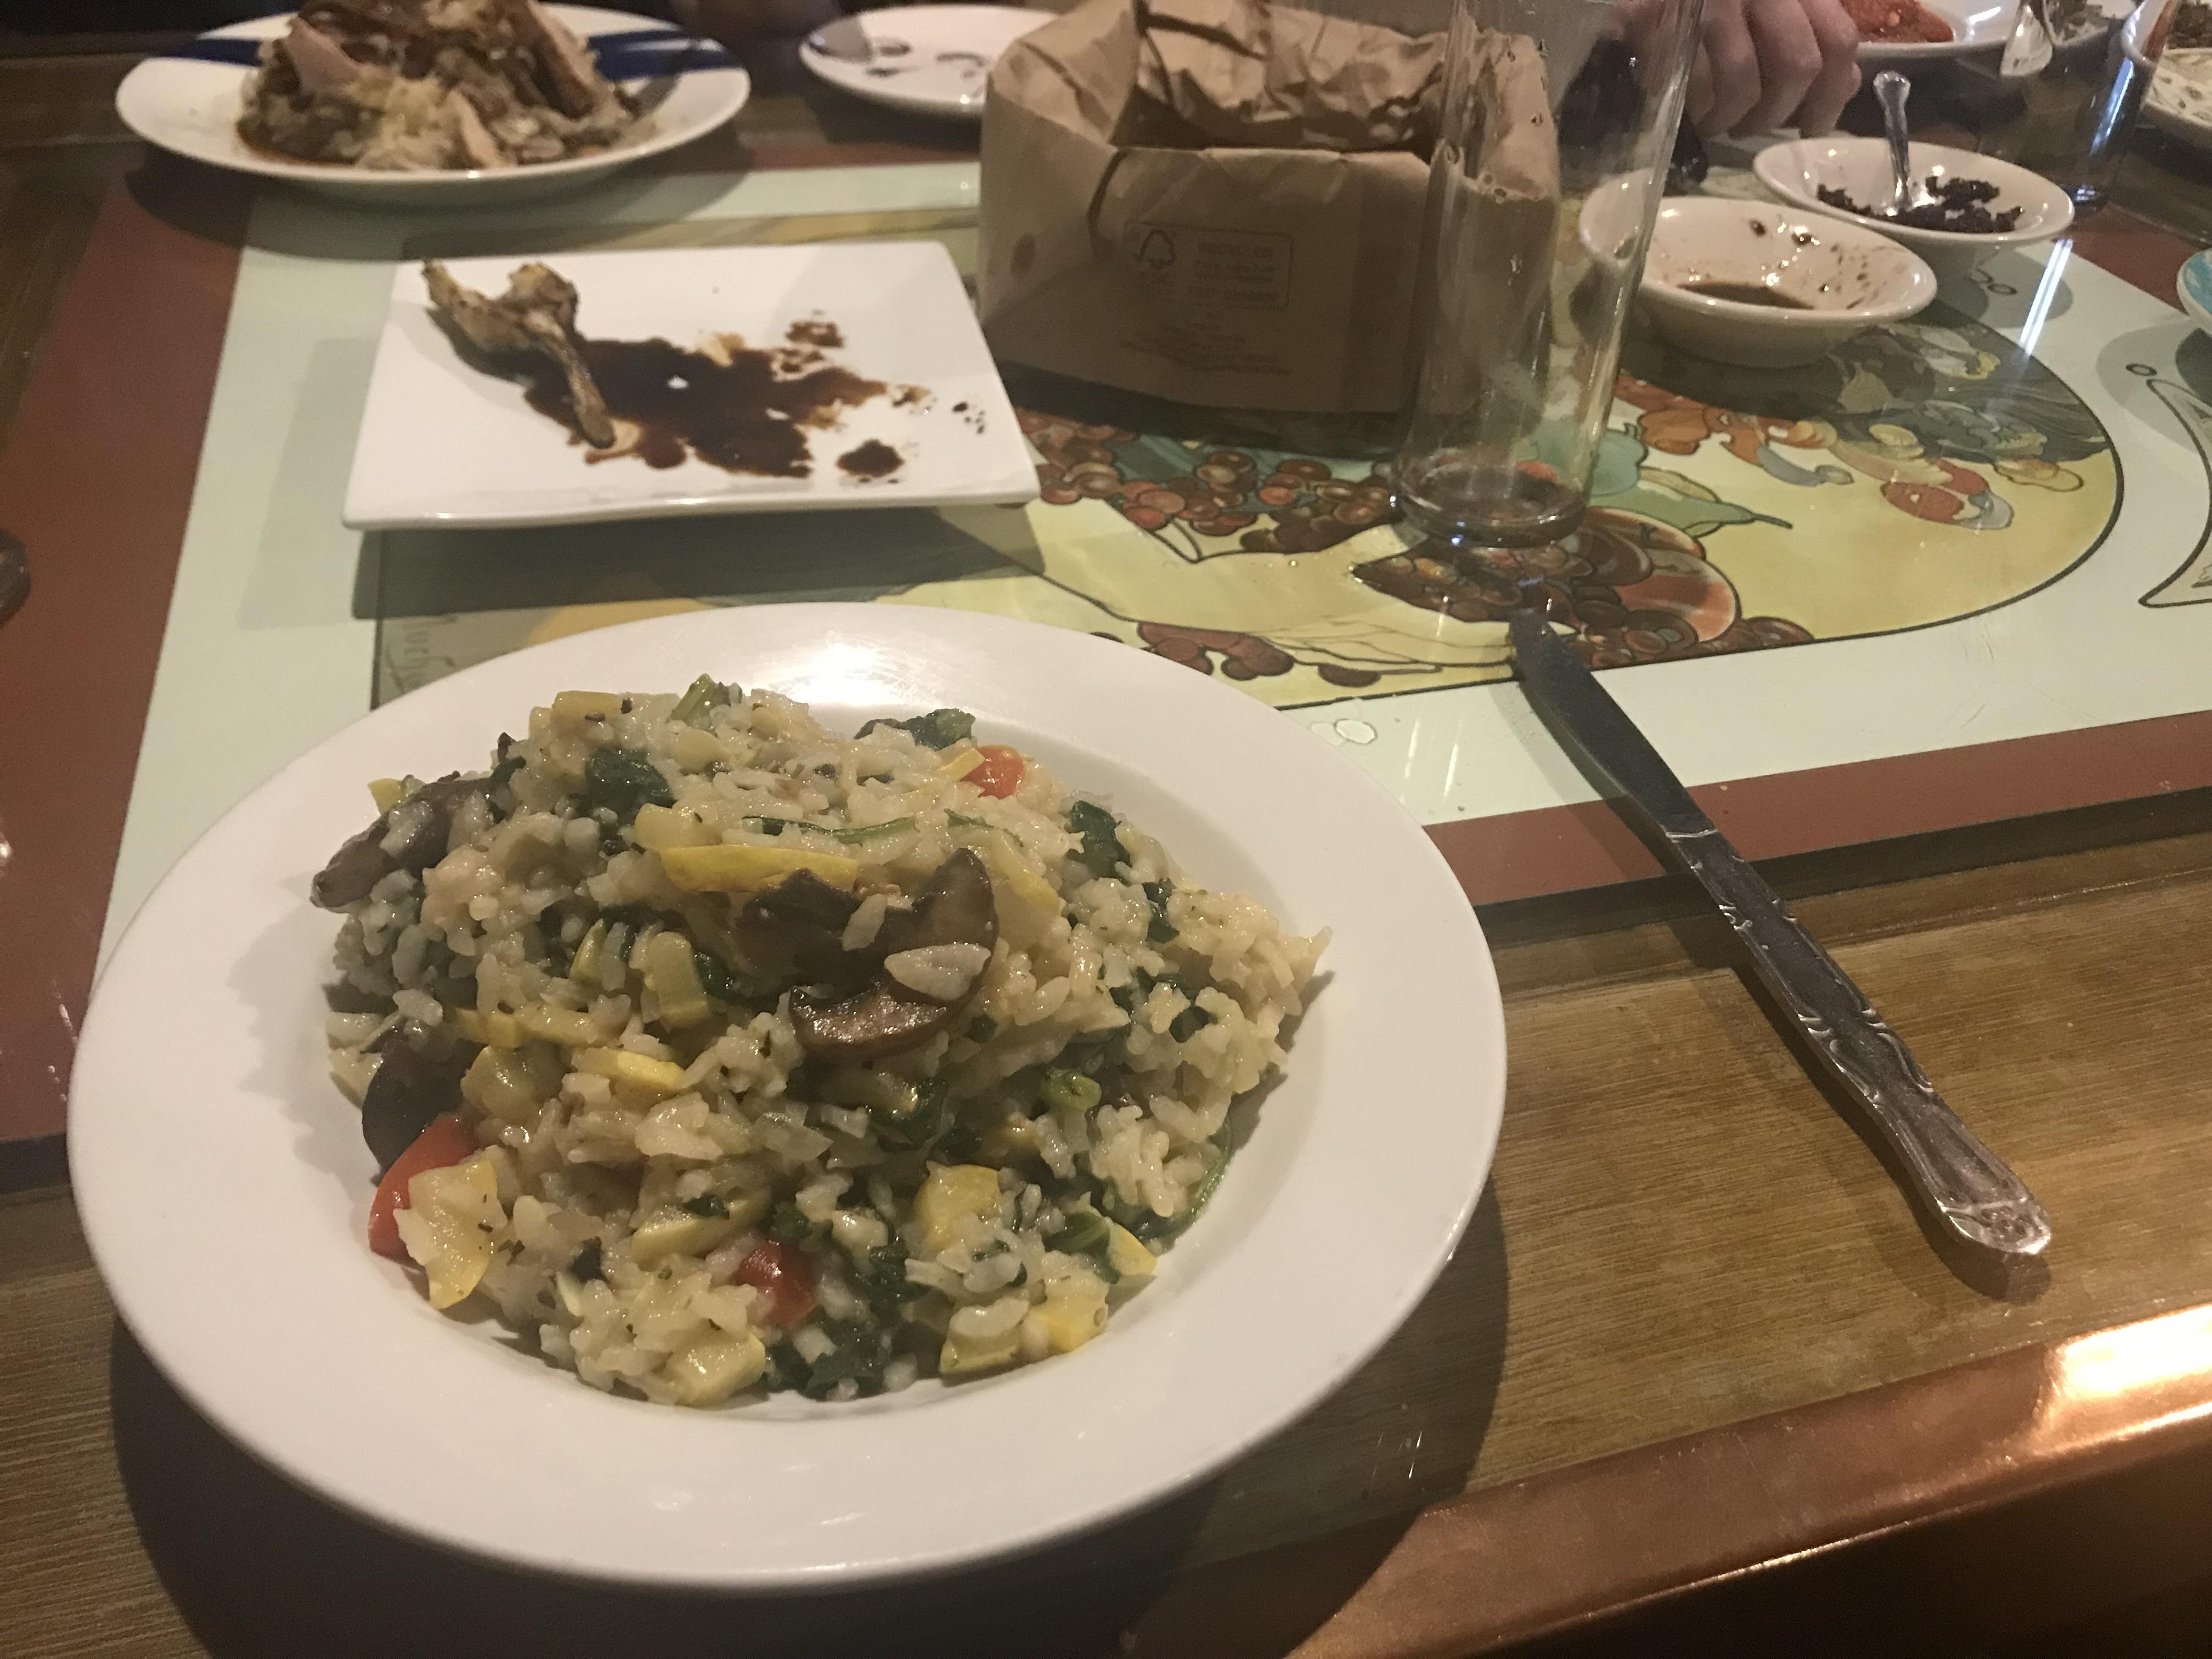 Risotto at Germano's Piattini